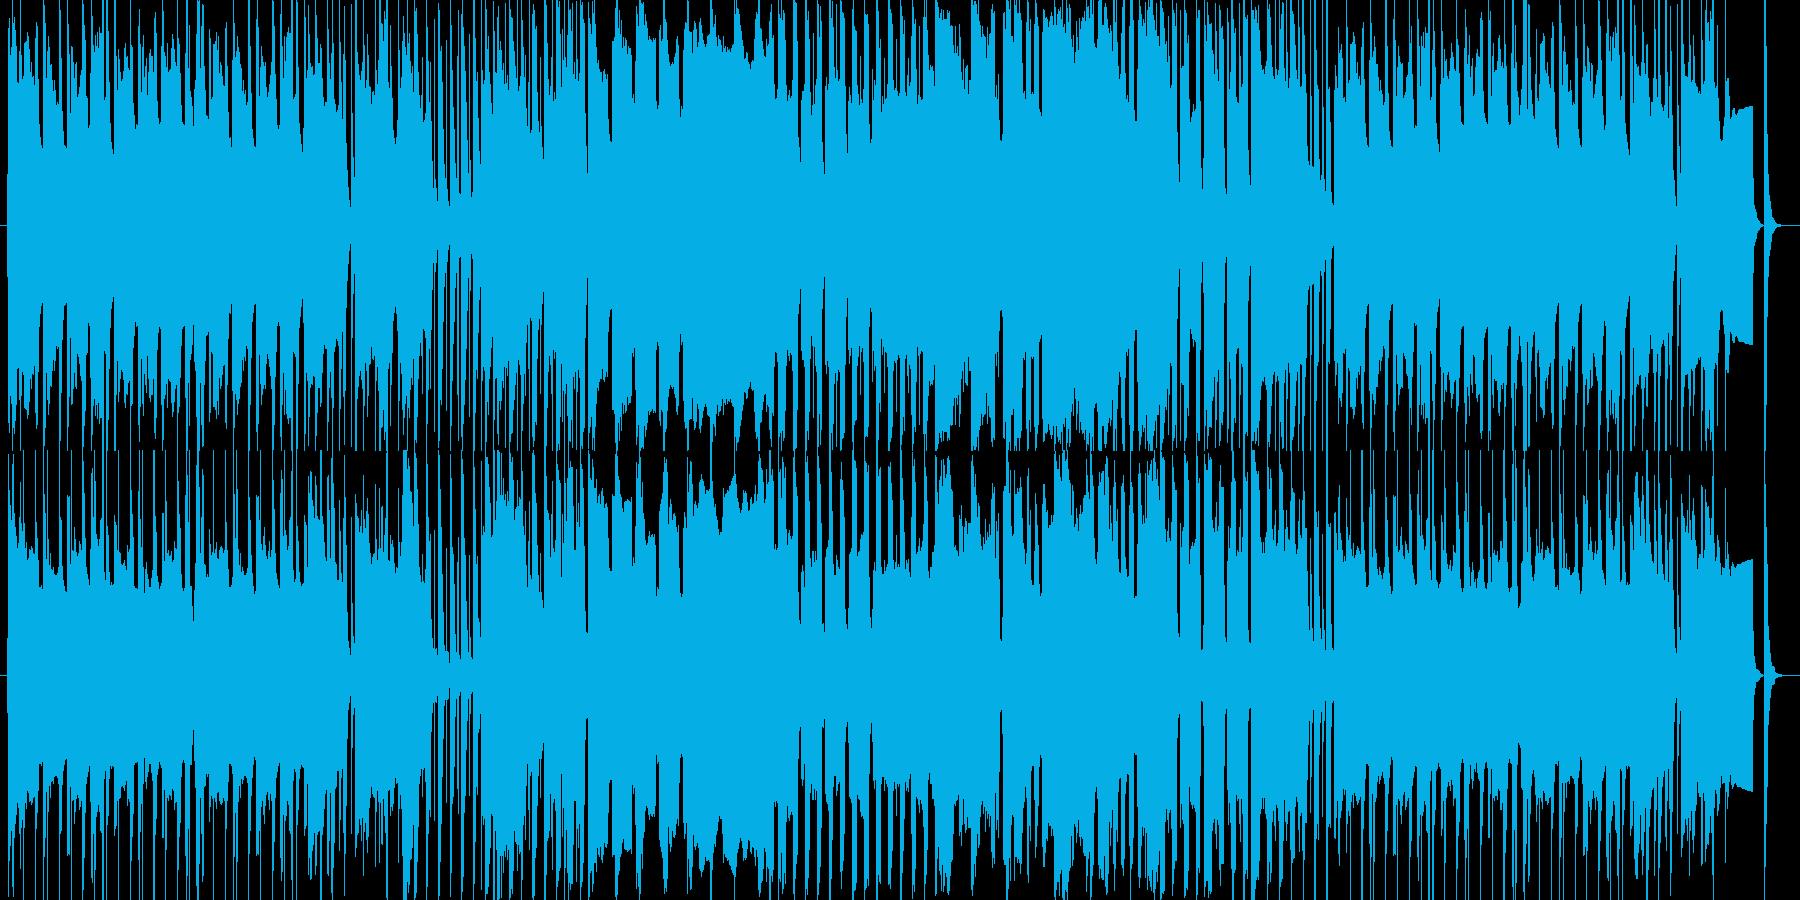 ピアニカとリコーダーでのんびり系BGMの再生済みの波形